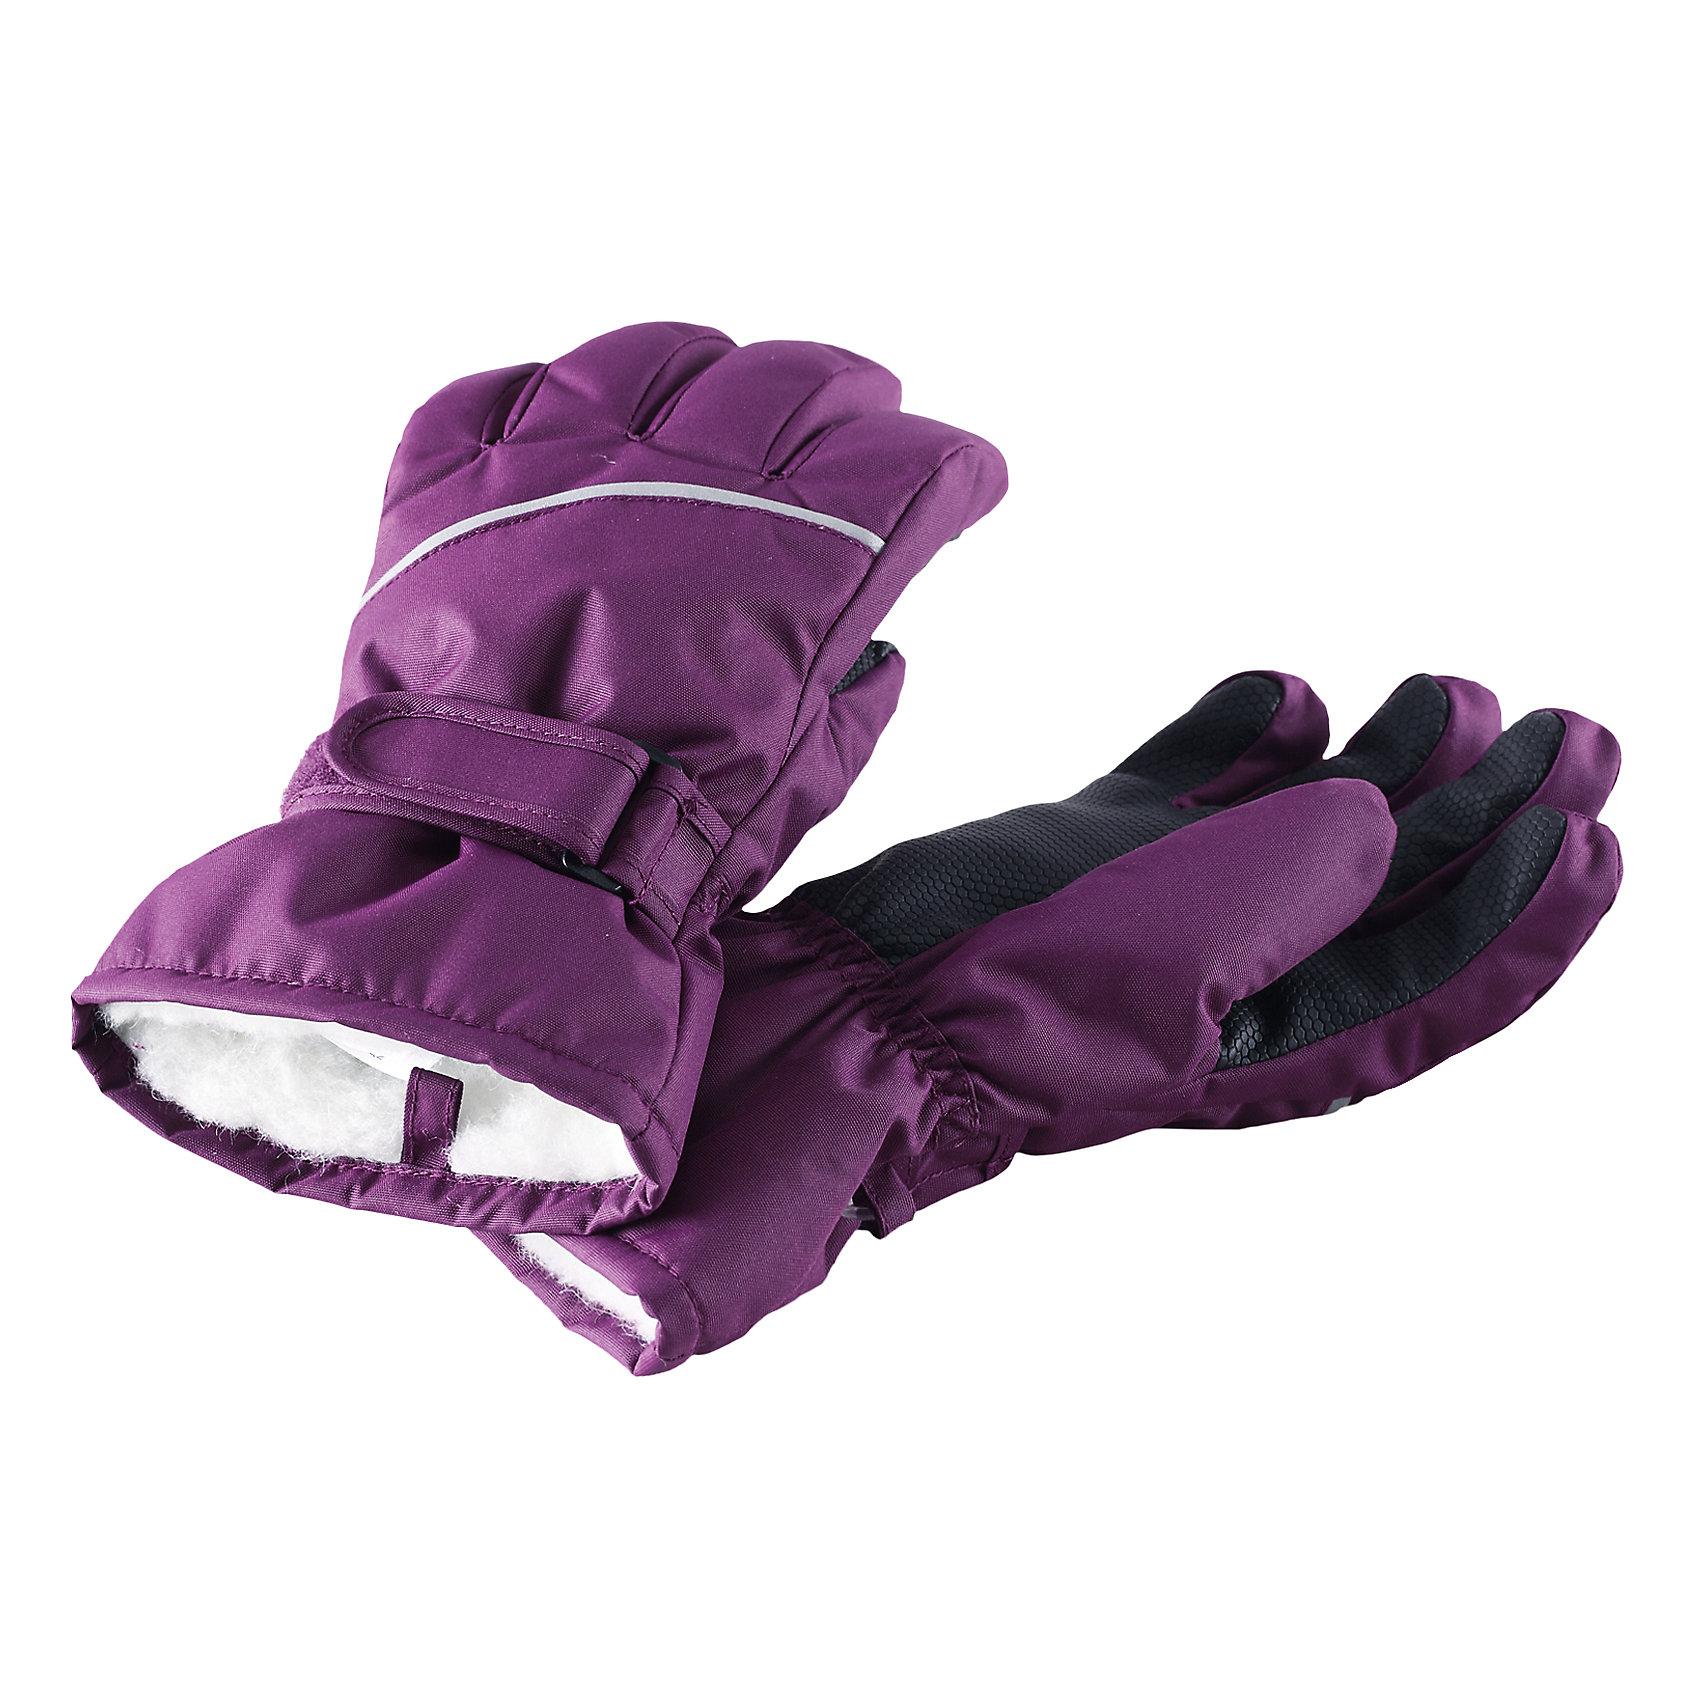 Перчатки Harald для девочки ReimaПерчатки  Reima<br>Зимние перчатки для детей. Водонепроницаемый материал, вставки отсутствуют — товар не является водонепроницаемым. Водо- и ветронепроницаемый и грязеотталкивающий материал. Накладки на ладонях, кончиках пальцев и больших пальцах. Теплая ворсистая подкладка из ткани из смеси шерсти. Средняя степень утепления. Простая застежка на липучке. Логотип Reima® сбоку. Светоотражающие полосы.<br>Утеплитель: Reima® Comfortinsulation,80 g<br>Уход:<br>Стирать по отдельности. Стирать моющим средством, не содержащим отбеливающие вещества. Полоскать без специального средства. Сушить при низкой температуре. <br>Состав:<br>100% Полиамид, полиуретановое покрытие<br><br>Ширина мм: 162<br>Глубина мм: 171<br>Высота мм: 55<br>Вес г: 119<br>Цвет: фиолетовый<br>Возраст от месяцев: 144<br>Возраст до месяцев: 168<br>Пол: Женский<br>Возраст: Детский<br>Размер: 8,3,4,5,6,7<br>SKU: 4779785